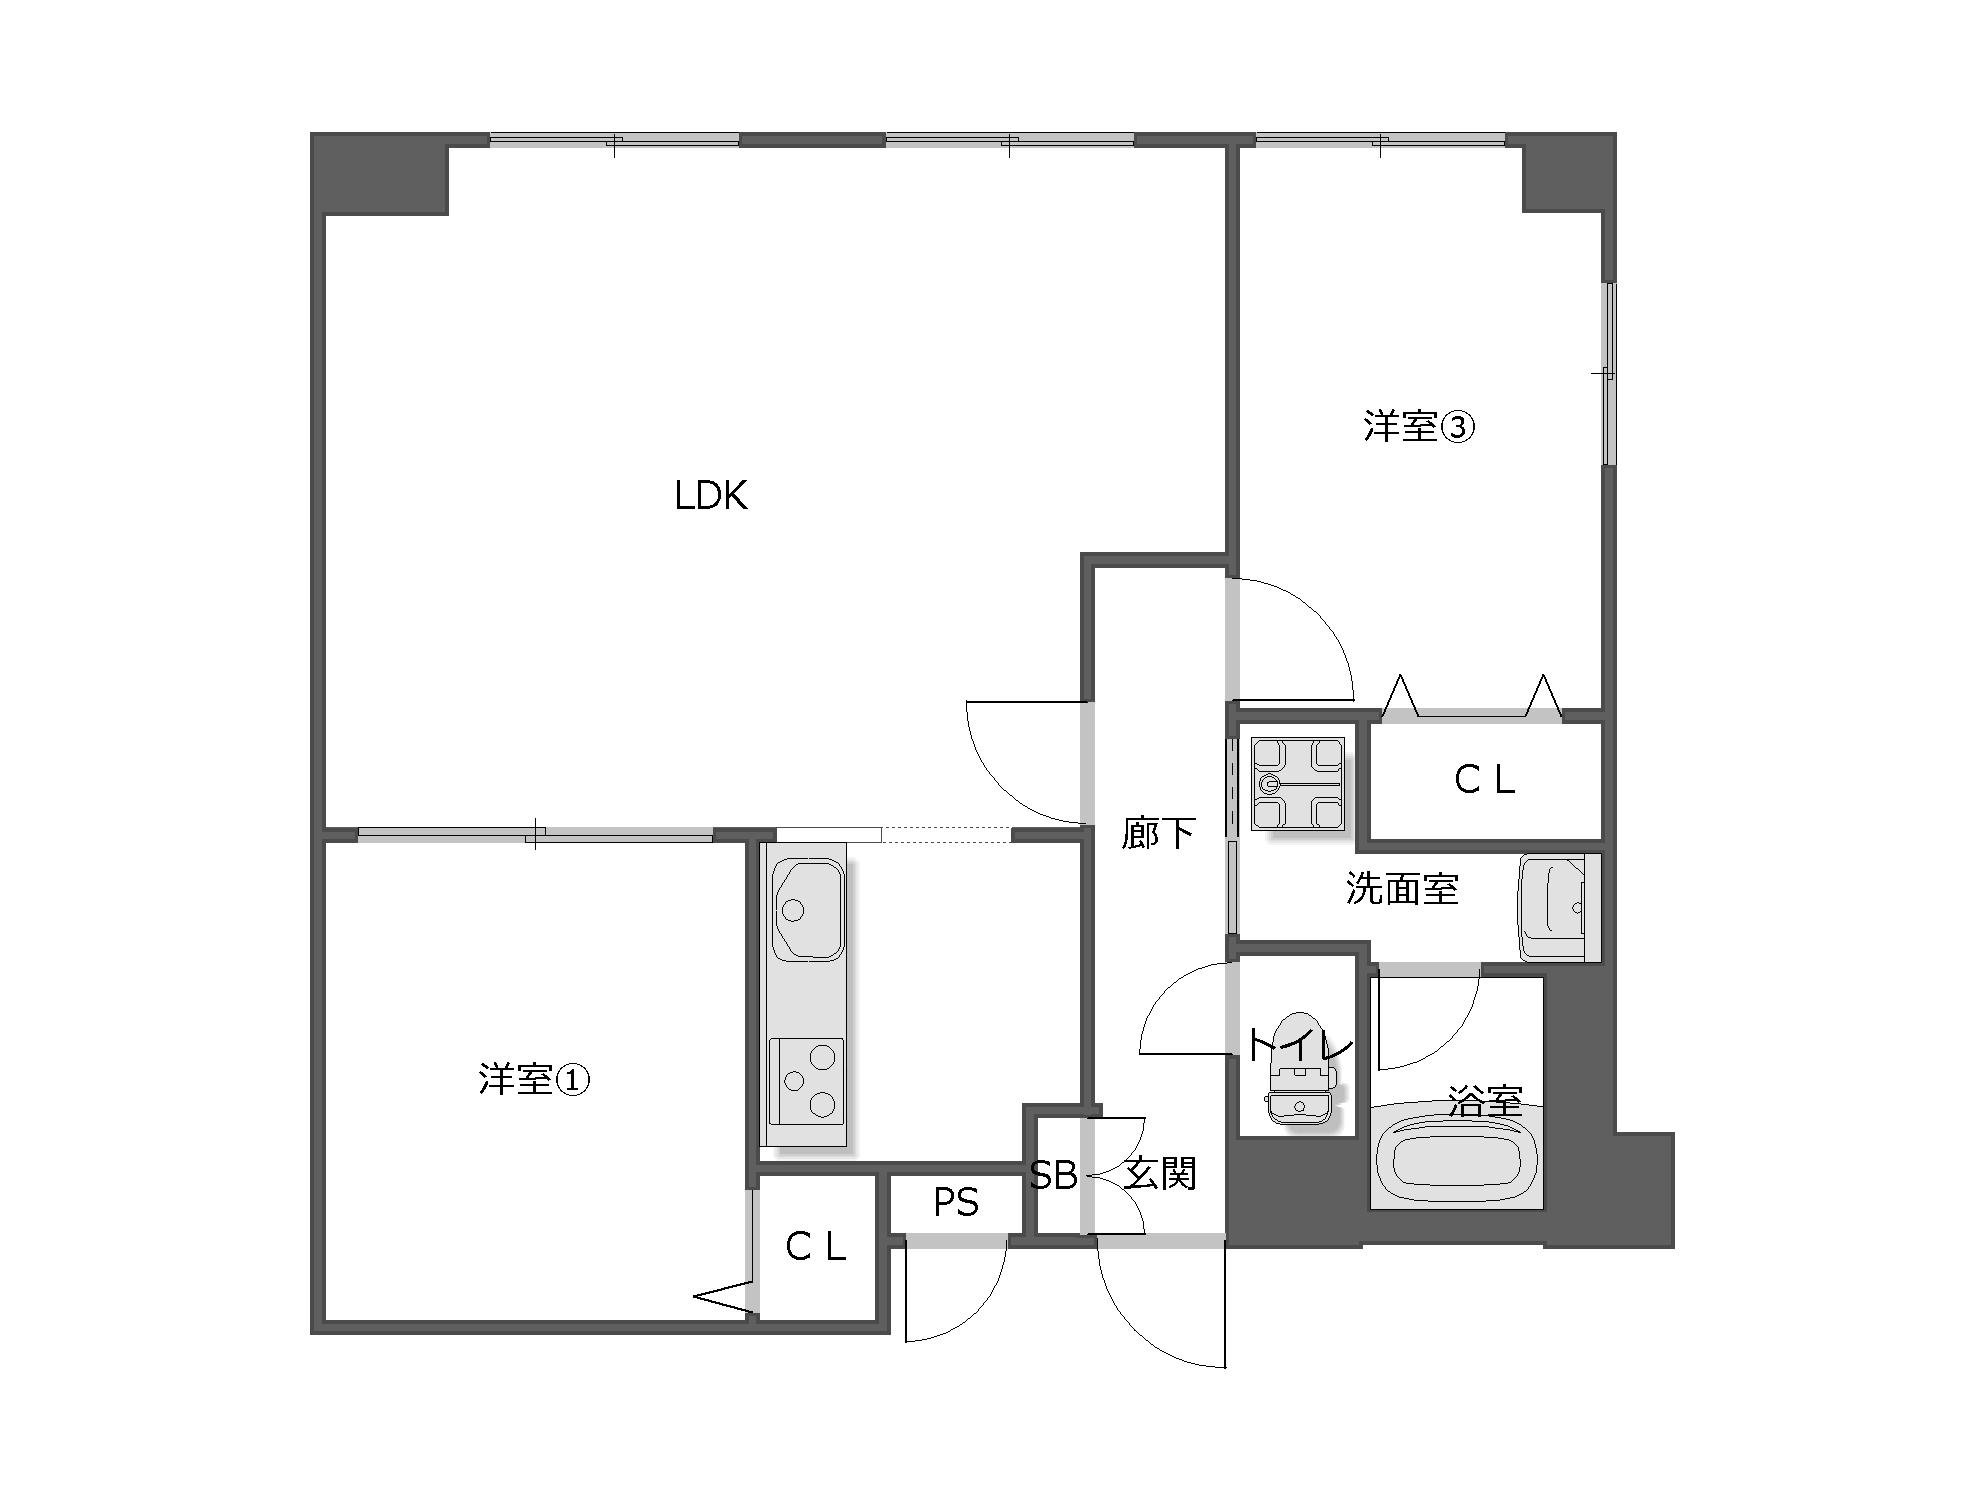 2LDK 愛知県名古屋市・空室対策後